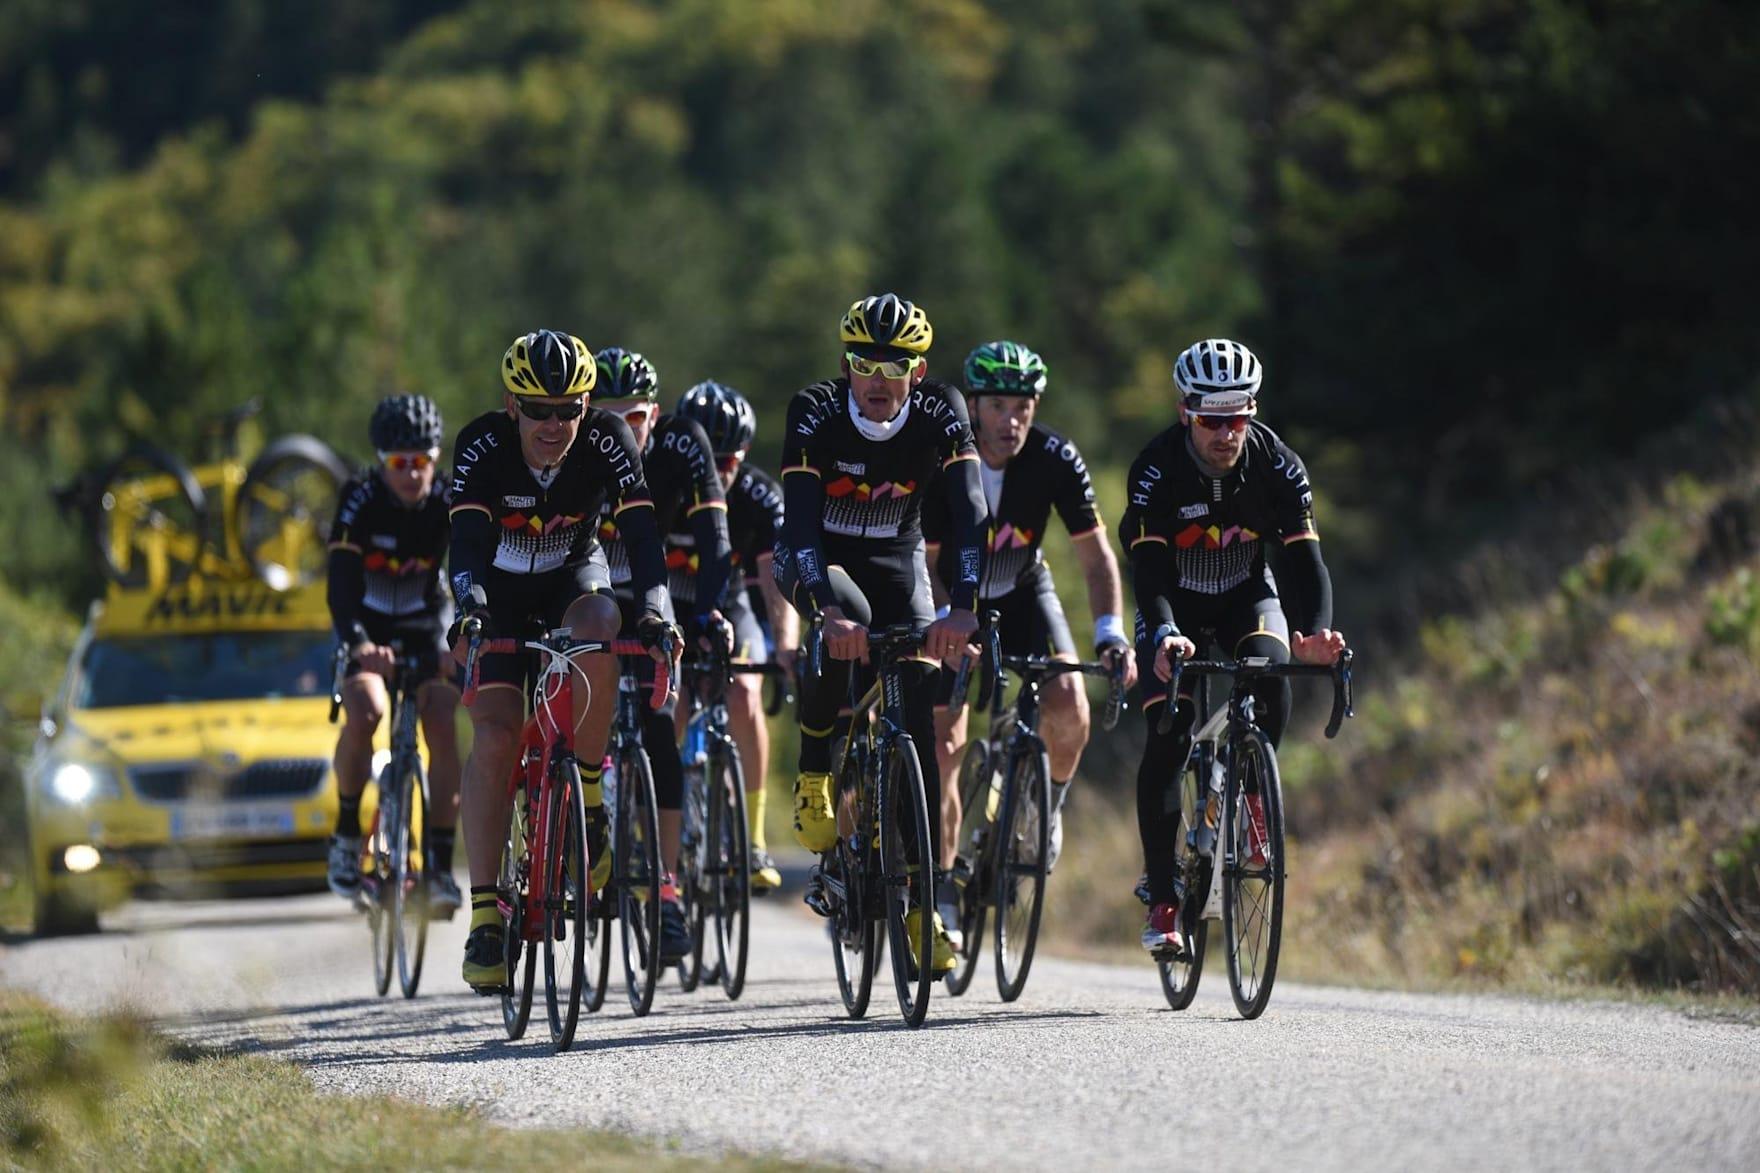 Eine Gruppe von Radfahrern fährt das Rennen der Haute Route Alps.